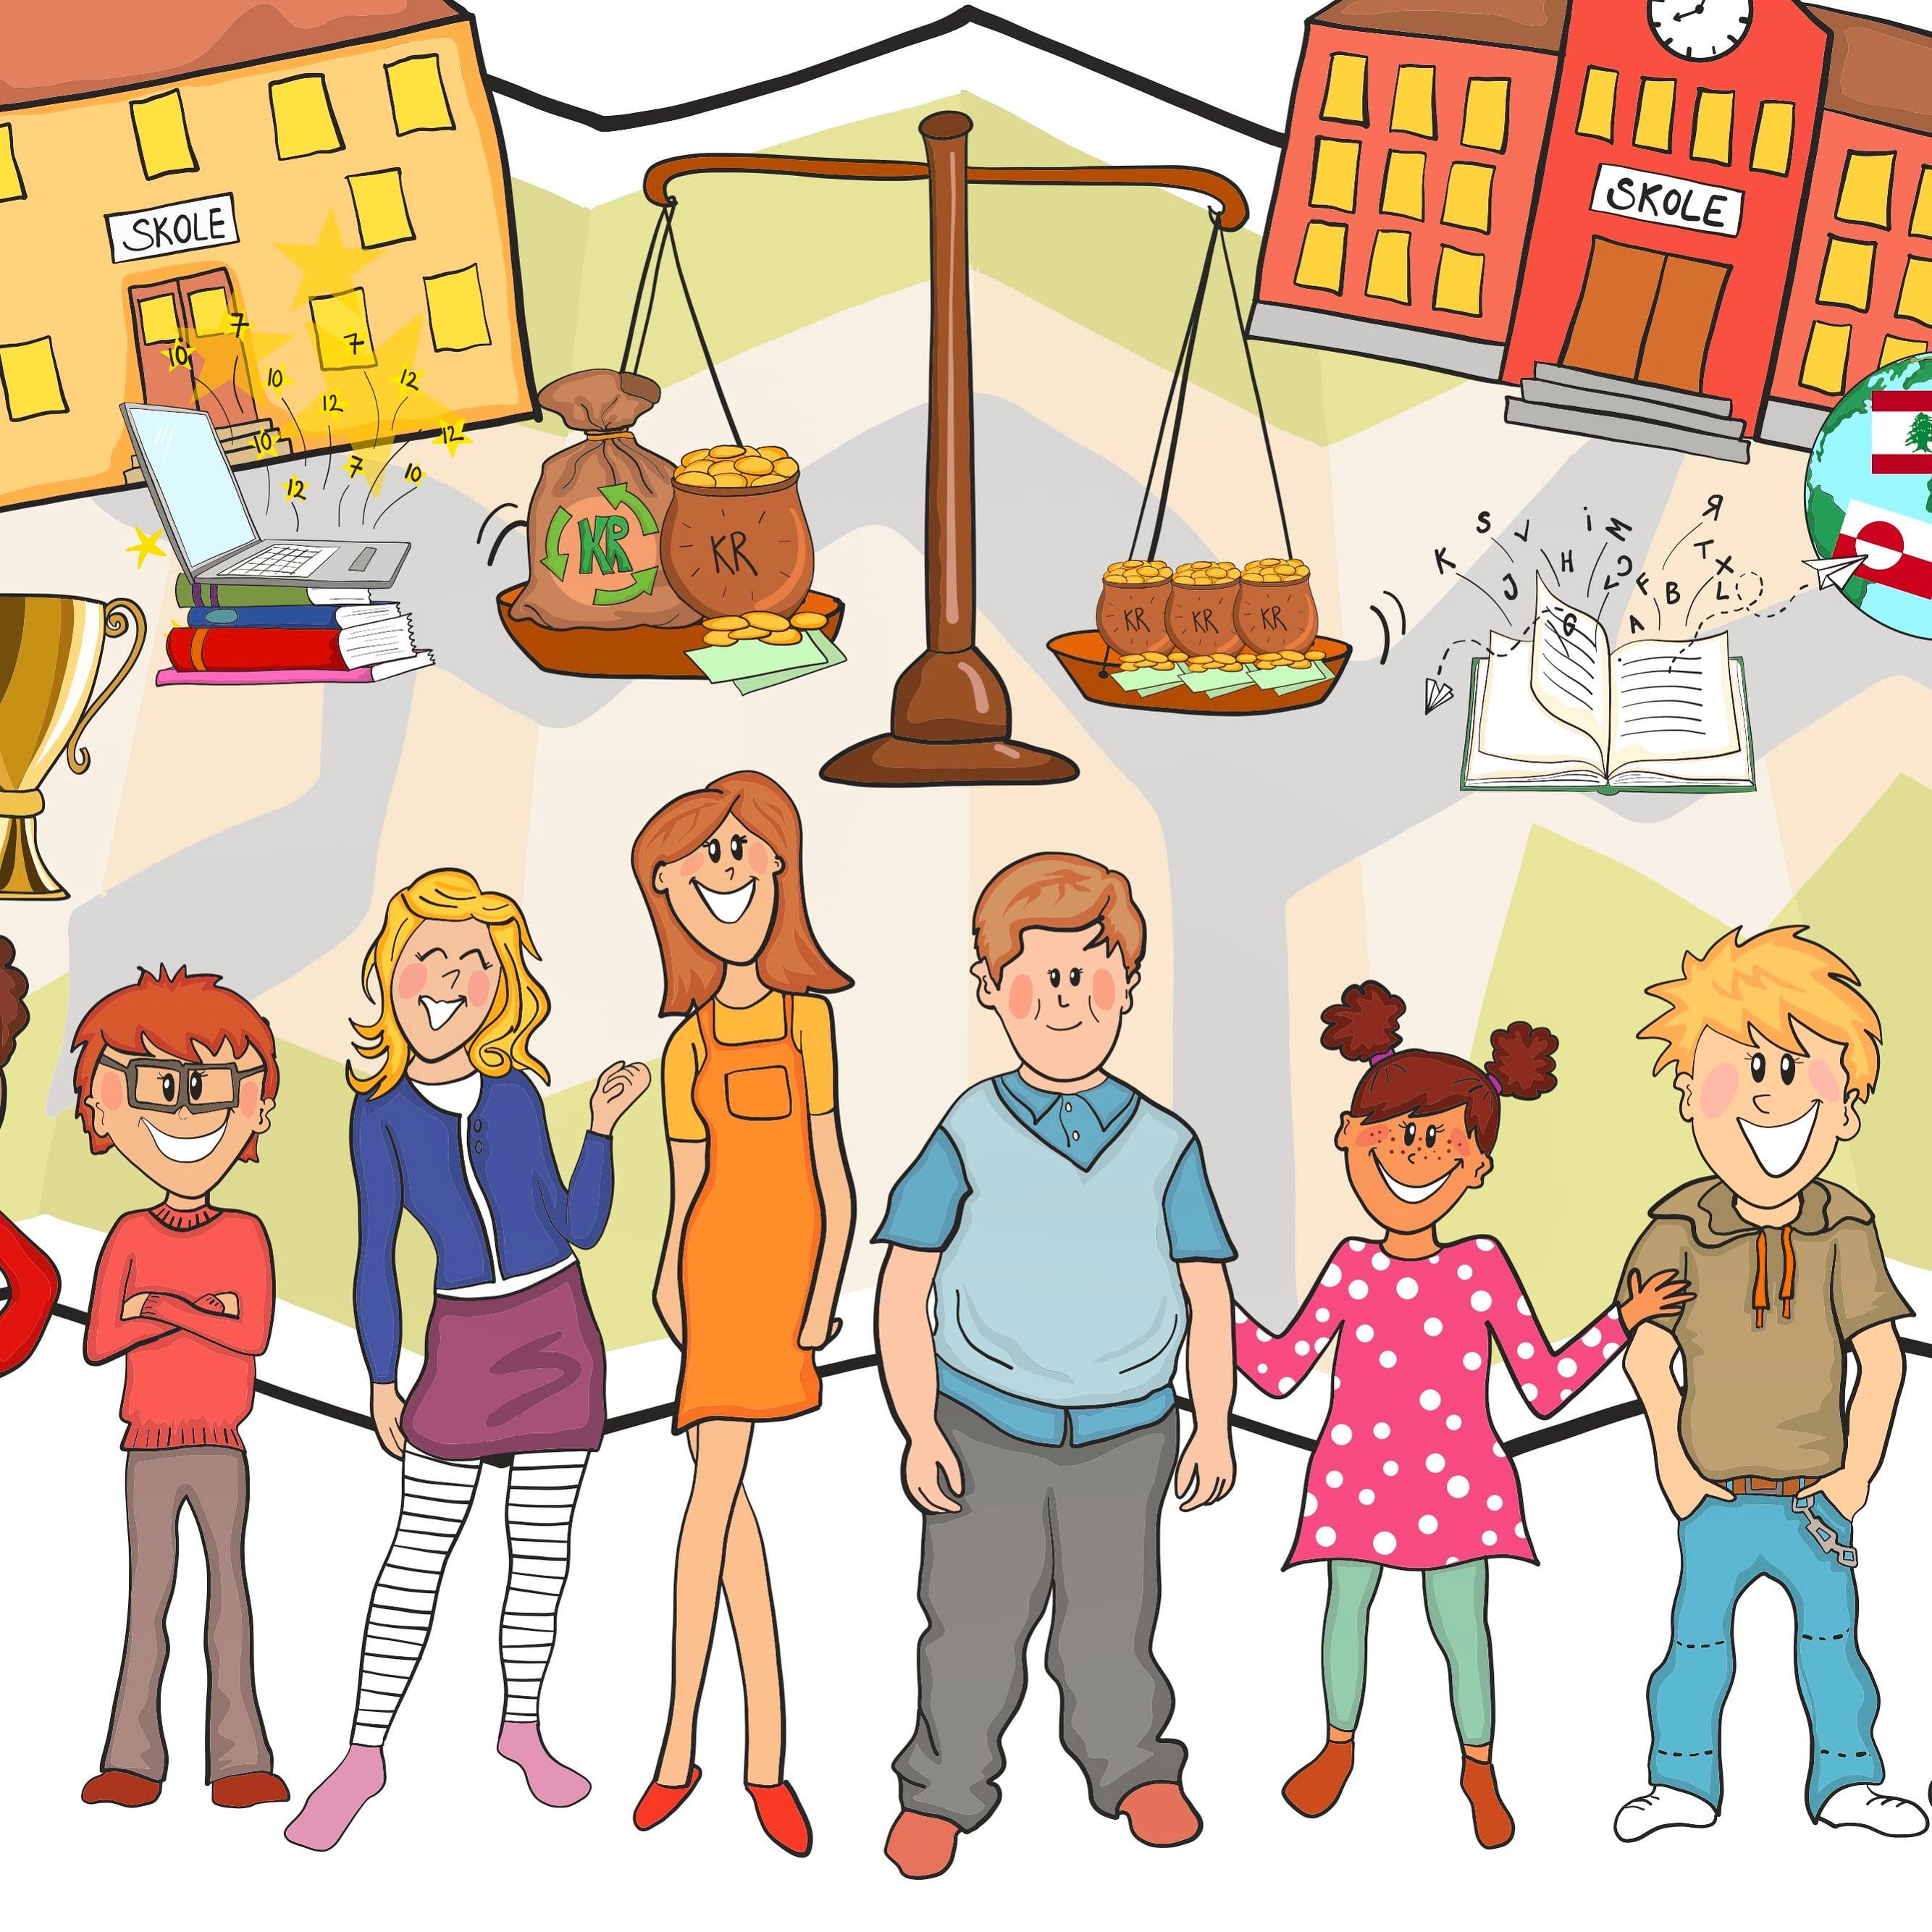 Udsnit af større dialog-tegning udarbejdet fro Aalborg Skoleforvaltning af Tegnestuen helleforhelle